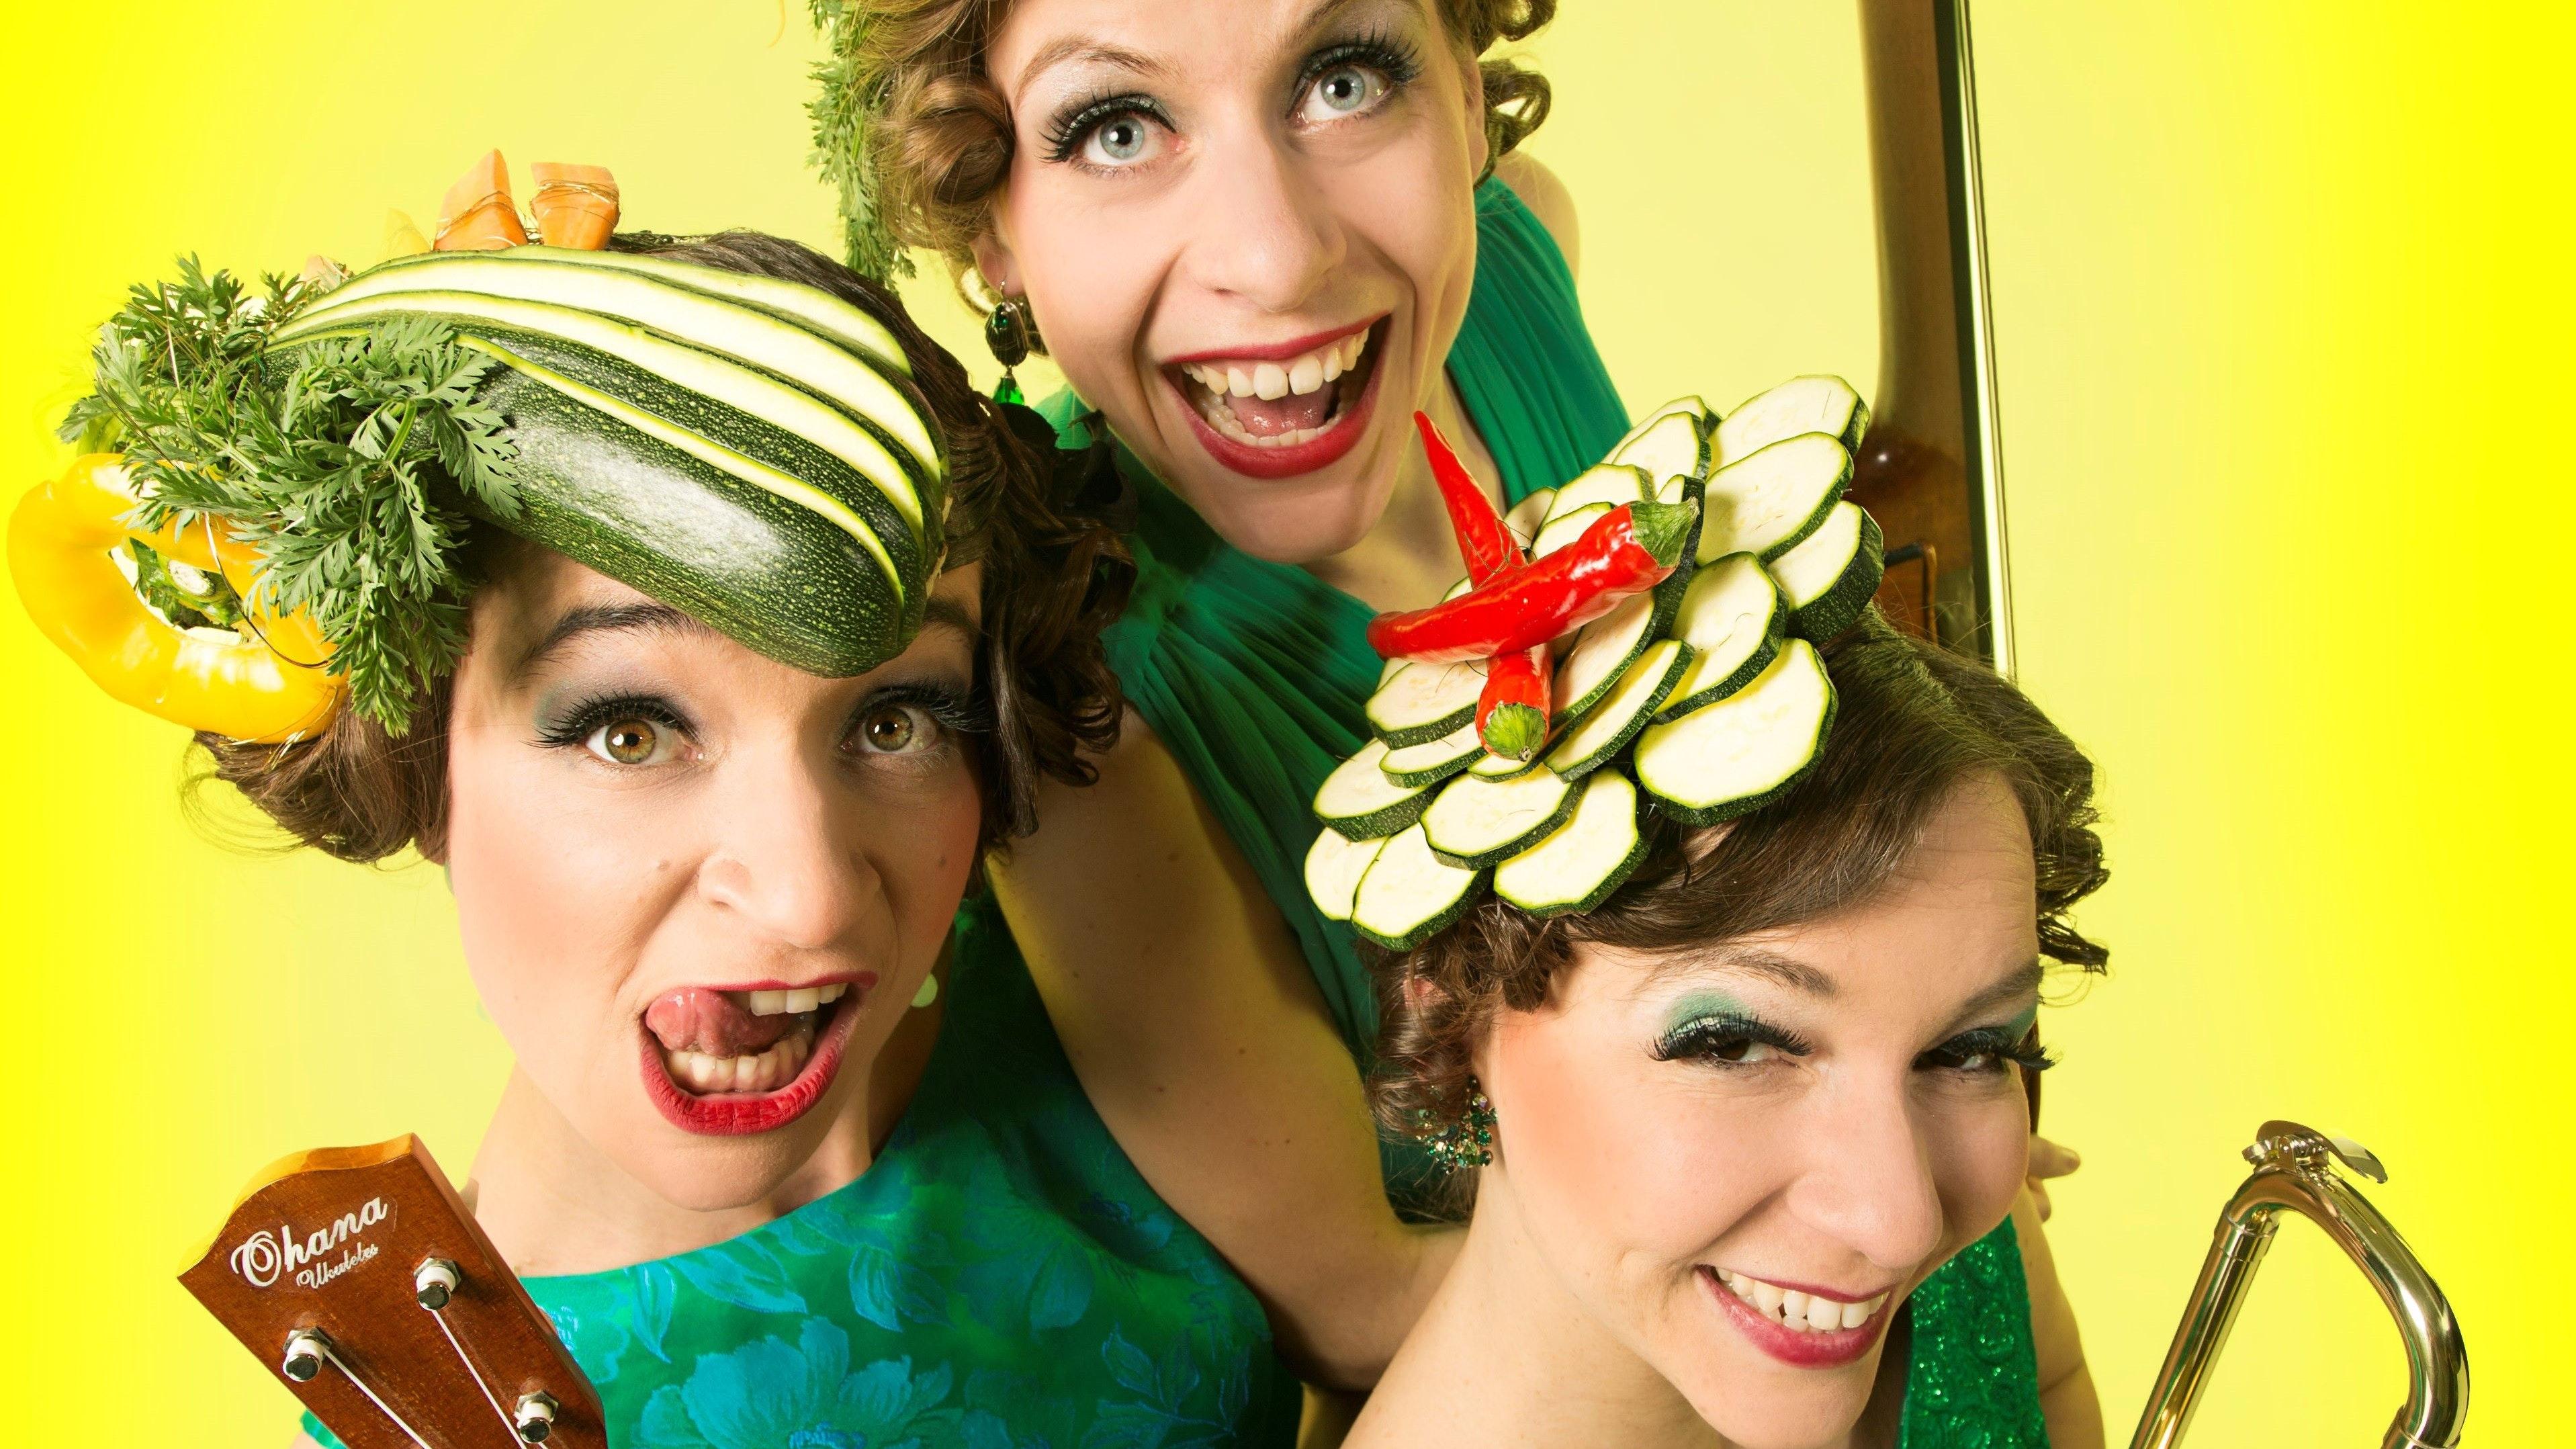 3. Anlauf: Die Zucchini Sistaz sollen im kommenden Jahr in Garrel auftreten. Foto: Peter Wattendorf